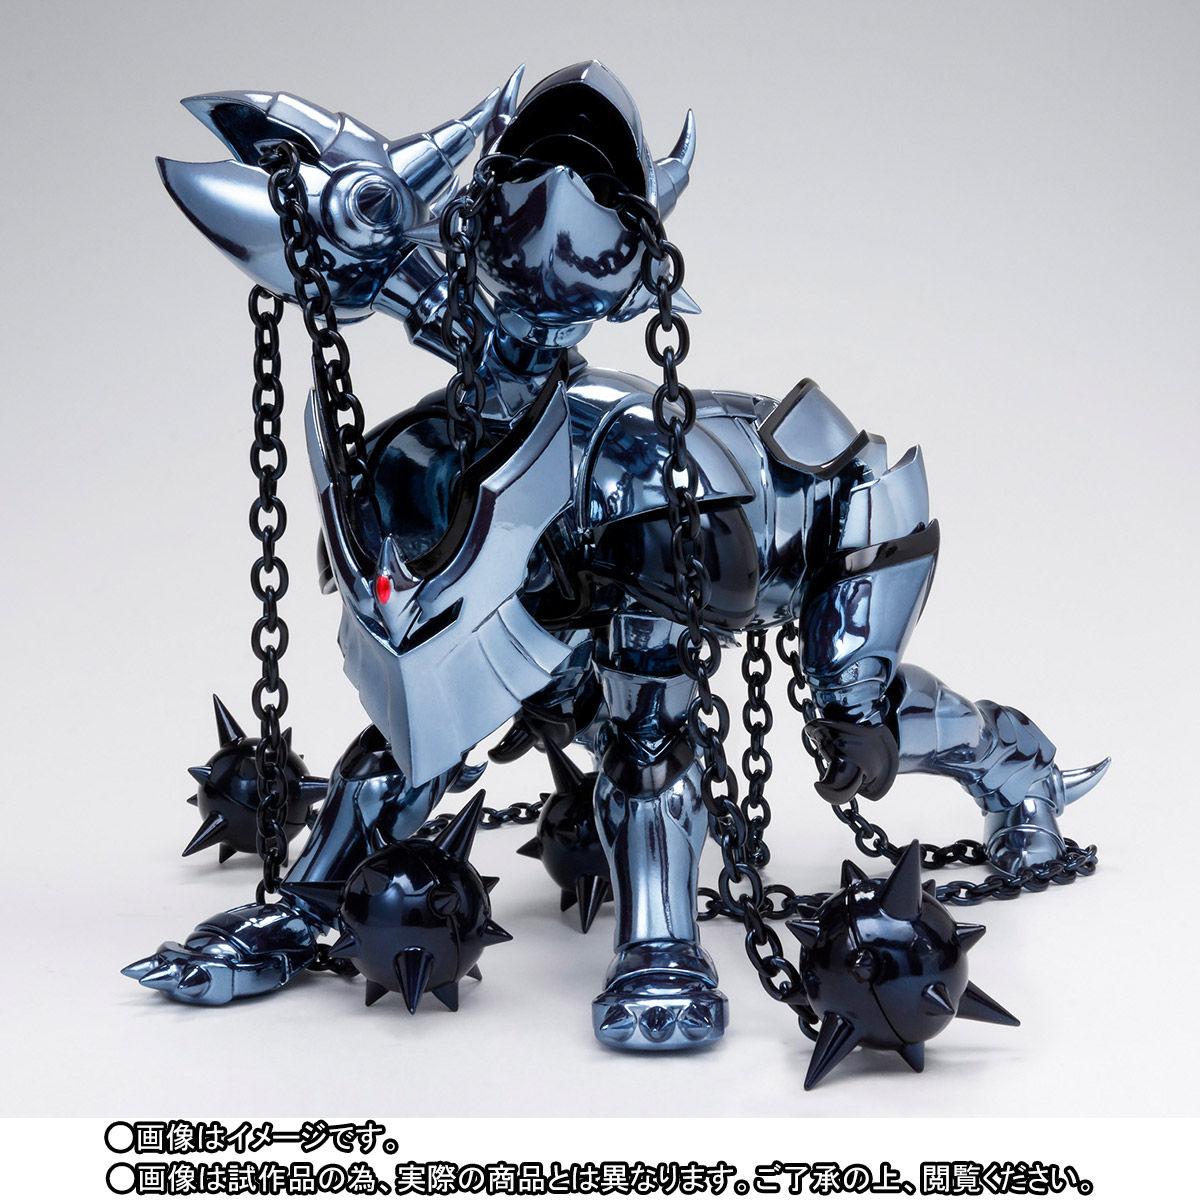 聖闘士聖衣神話 ケルベロス ダンテ-002